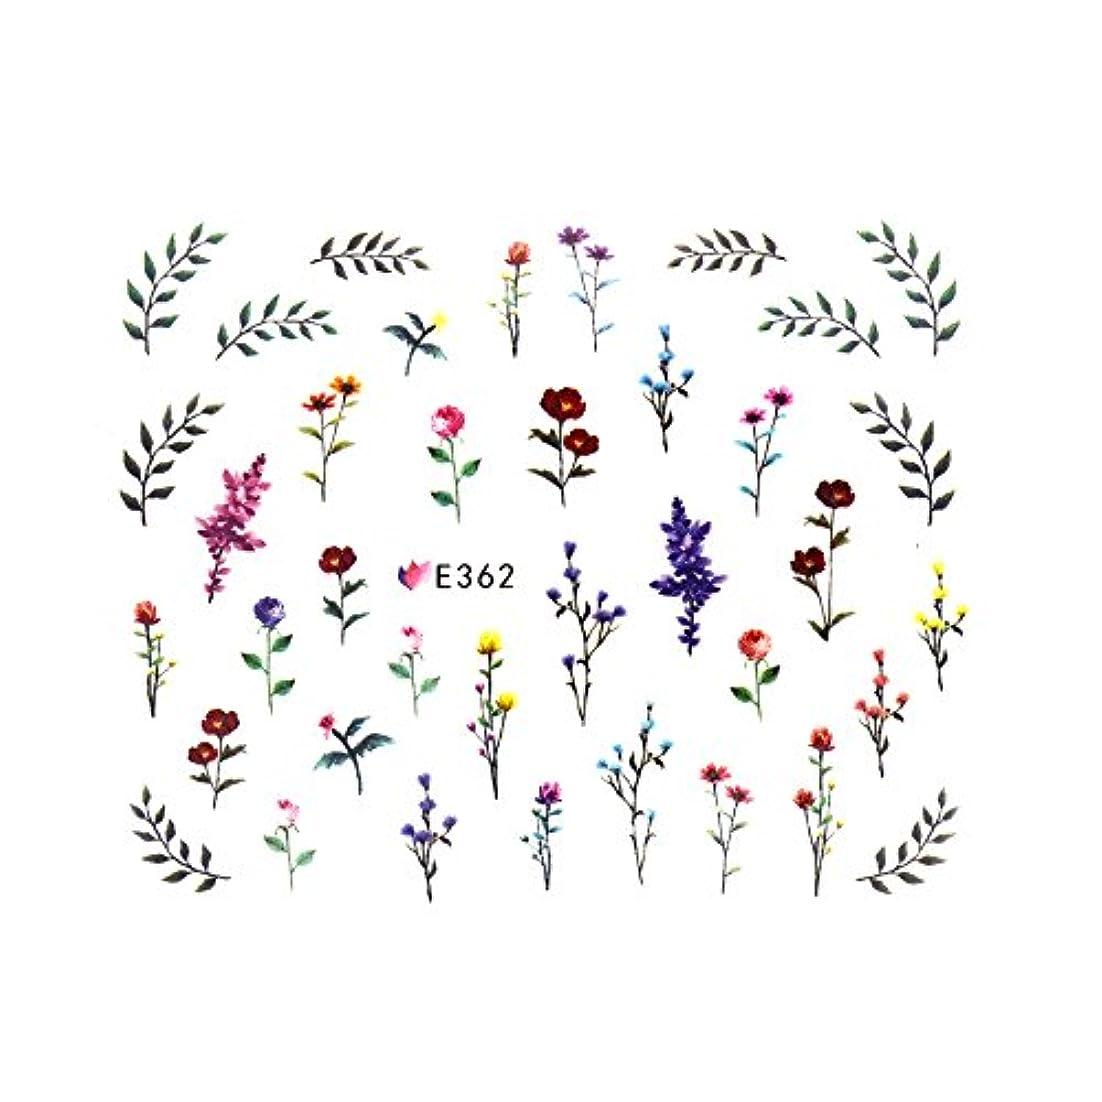 代名詞おもしろい岸フラワーガーデンシール 【E362】フラワー ボタニカル ドライフラワー 小花柄